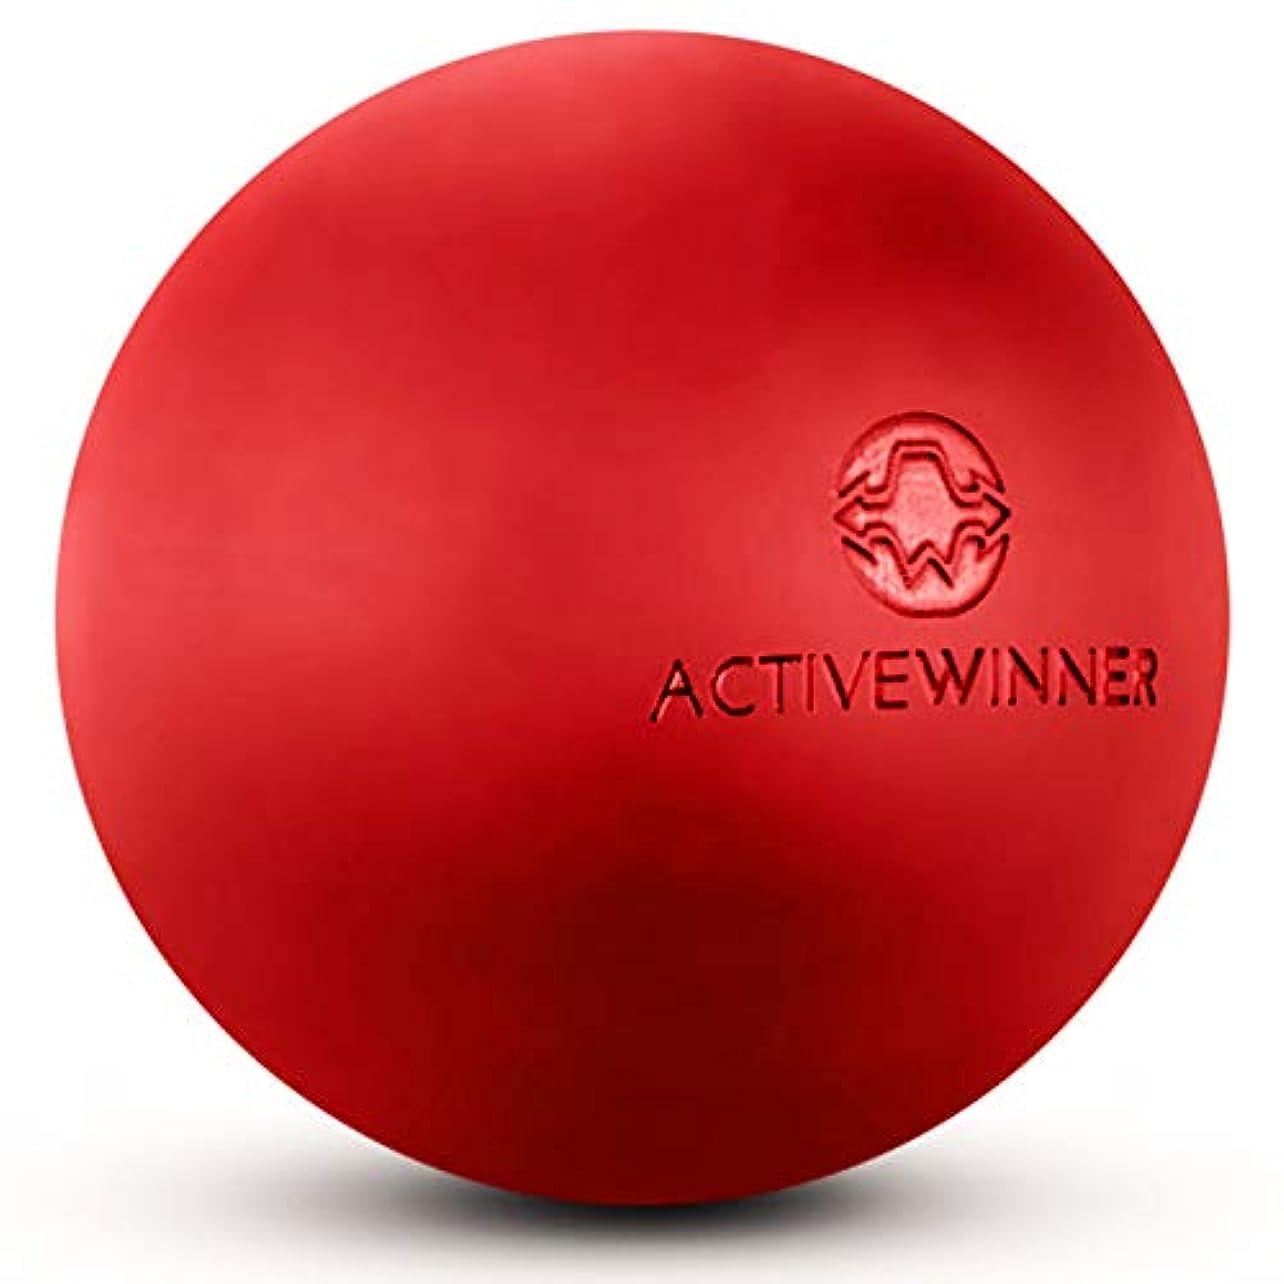 不実ヘア反対にActive Winner マッサージボール トリガーポイント (レッド) ストレッチボール 筋膜リリース トレーニング 背中 肩こり 腰 ふくらはぎ 足 ツボ押し